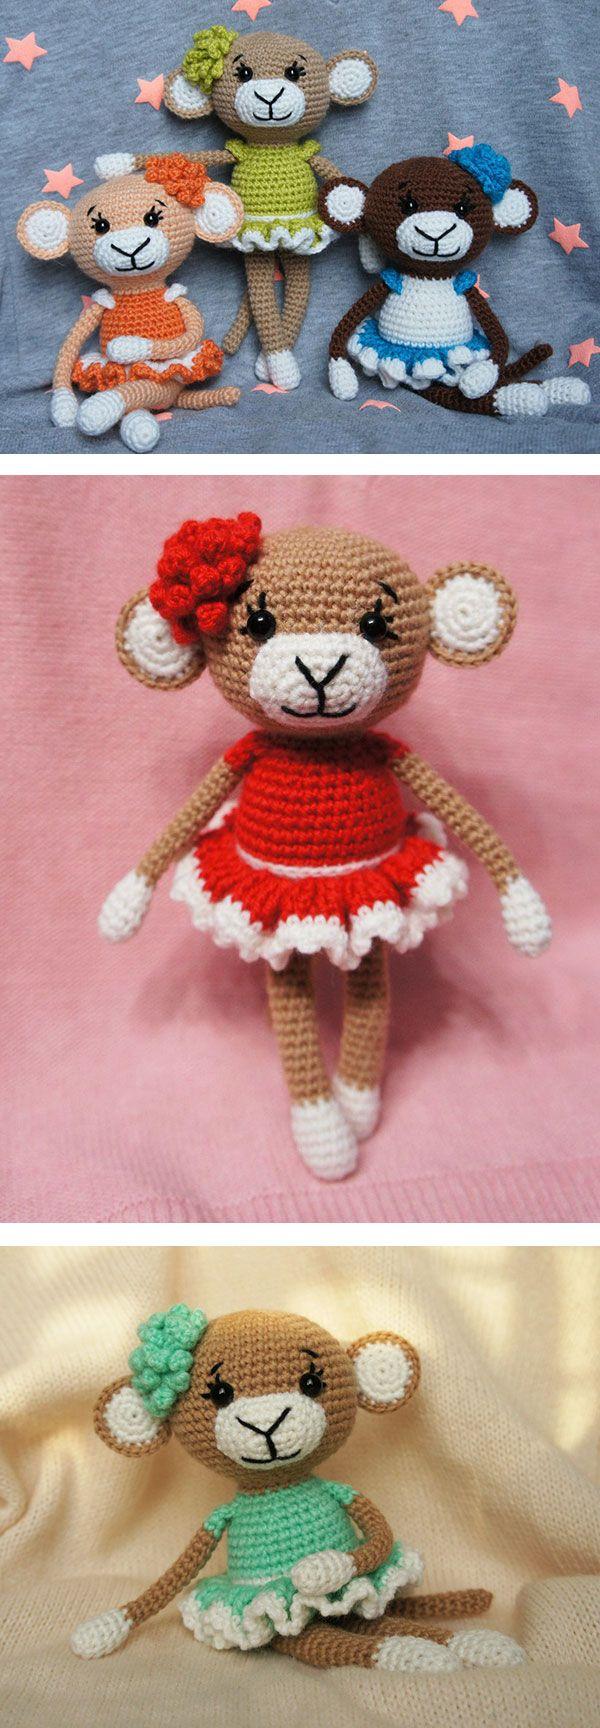 Glamorous monkey amigurumi - FREE PATTERN | amigurumis | Pinterest ...